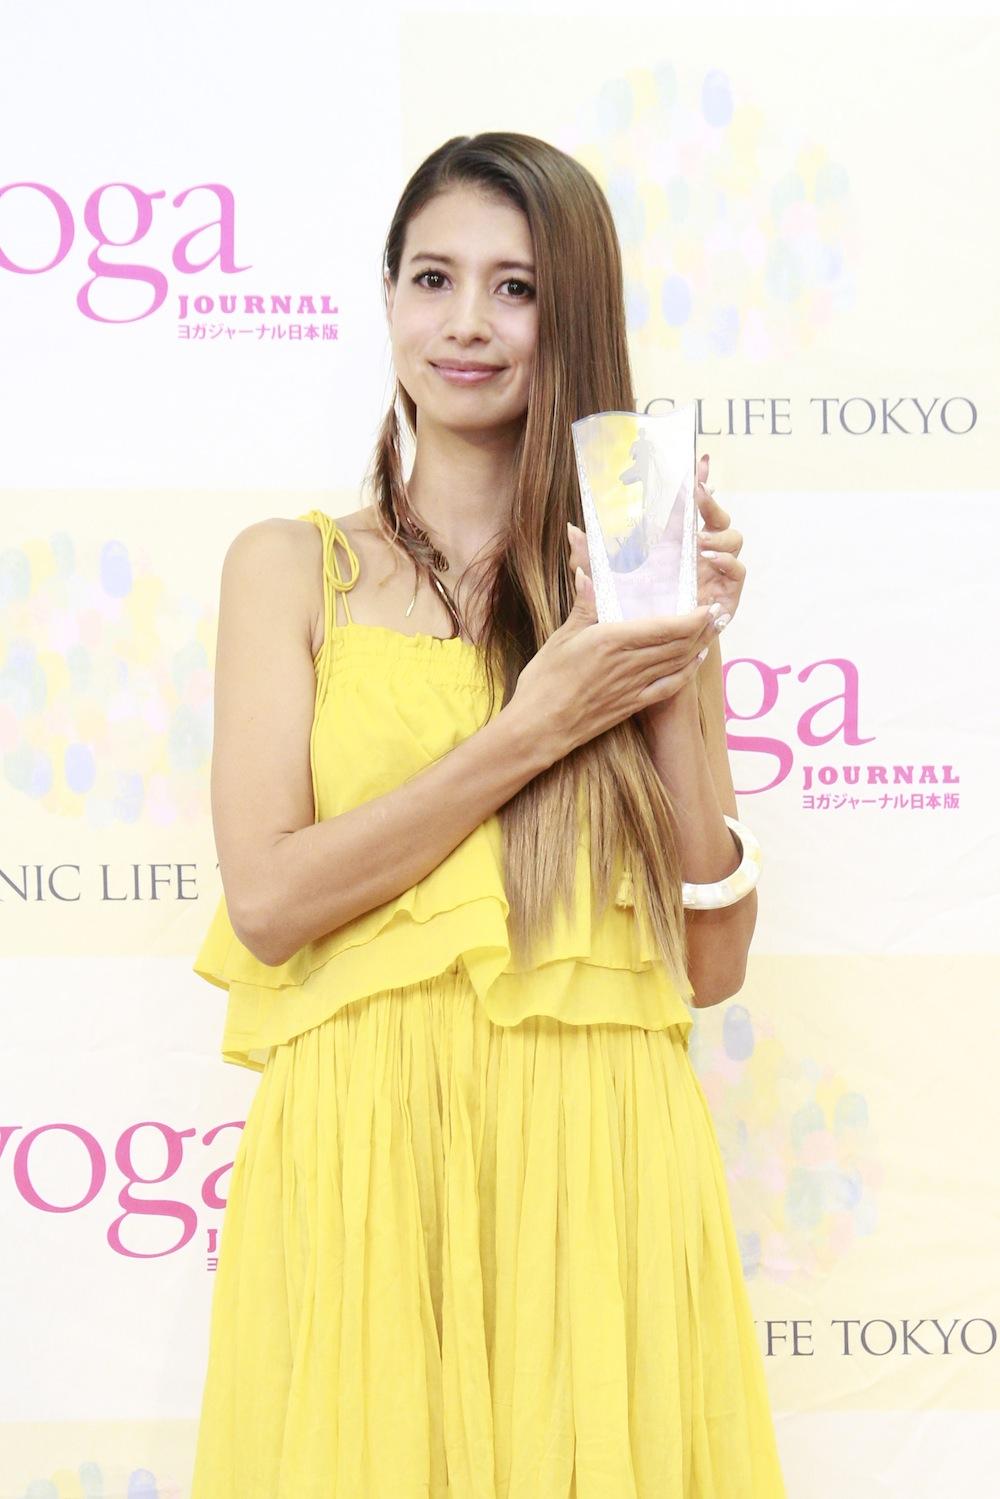 吉川ひなの・ヨガジャーナル presents Yoga People Award 2017